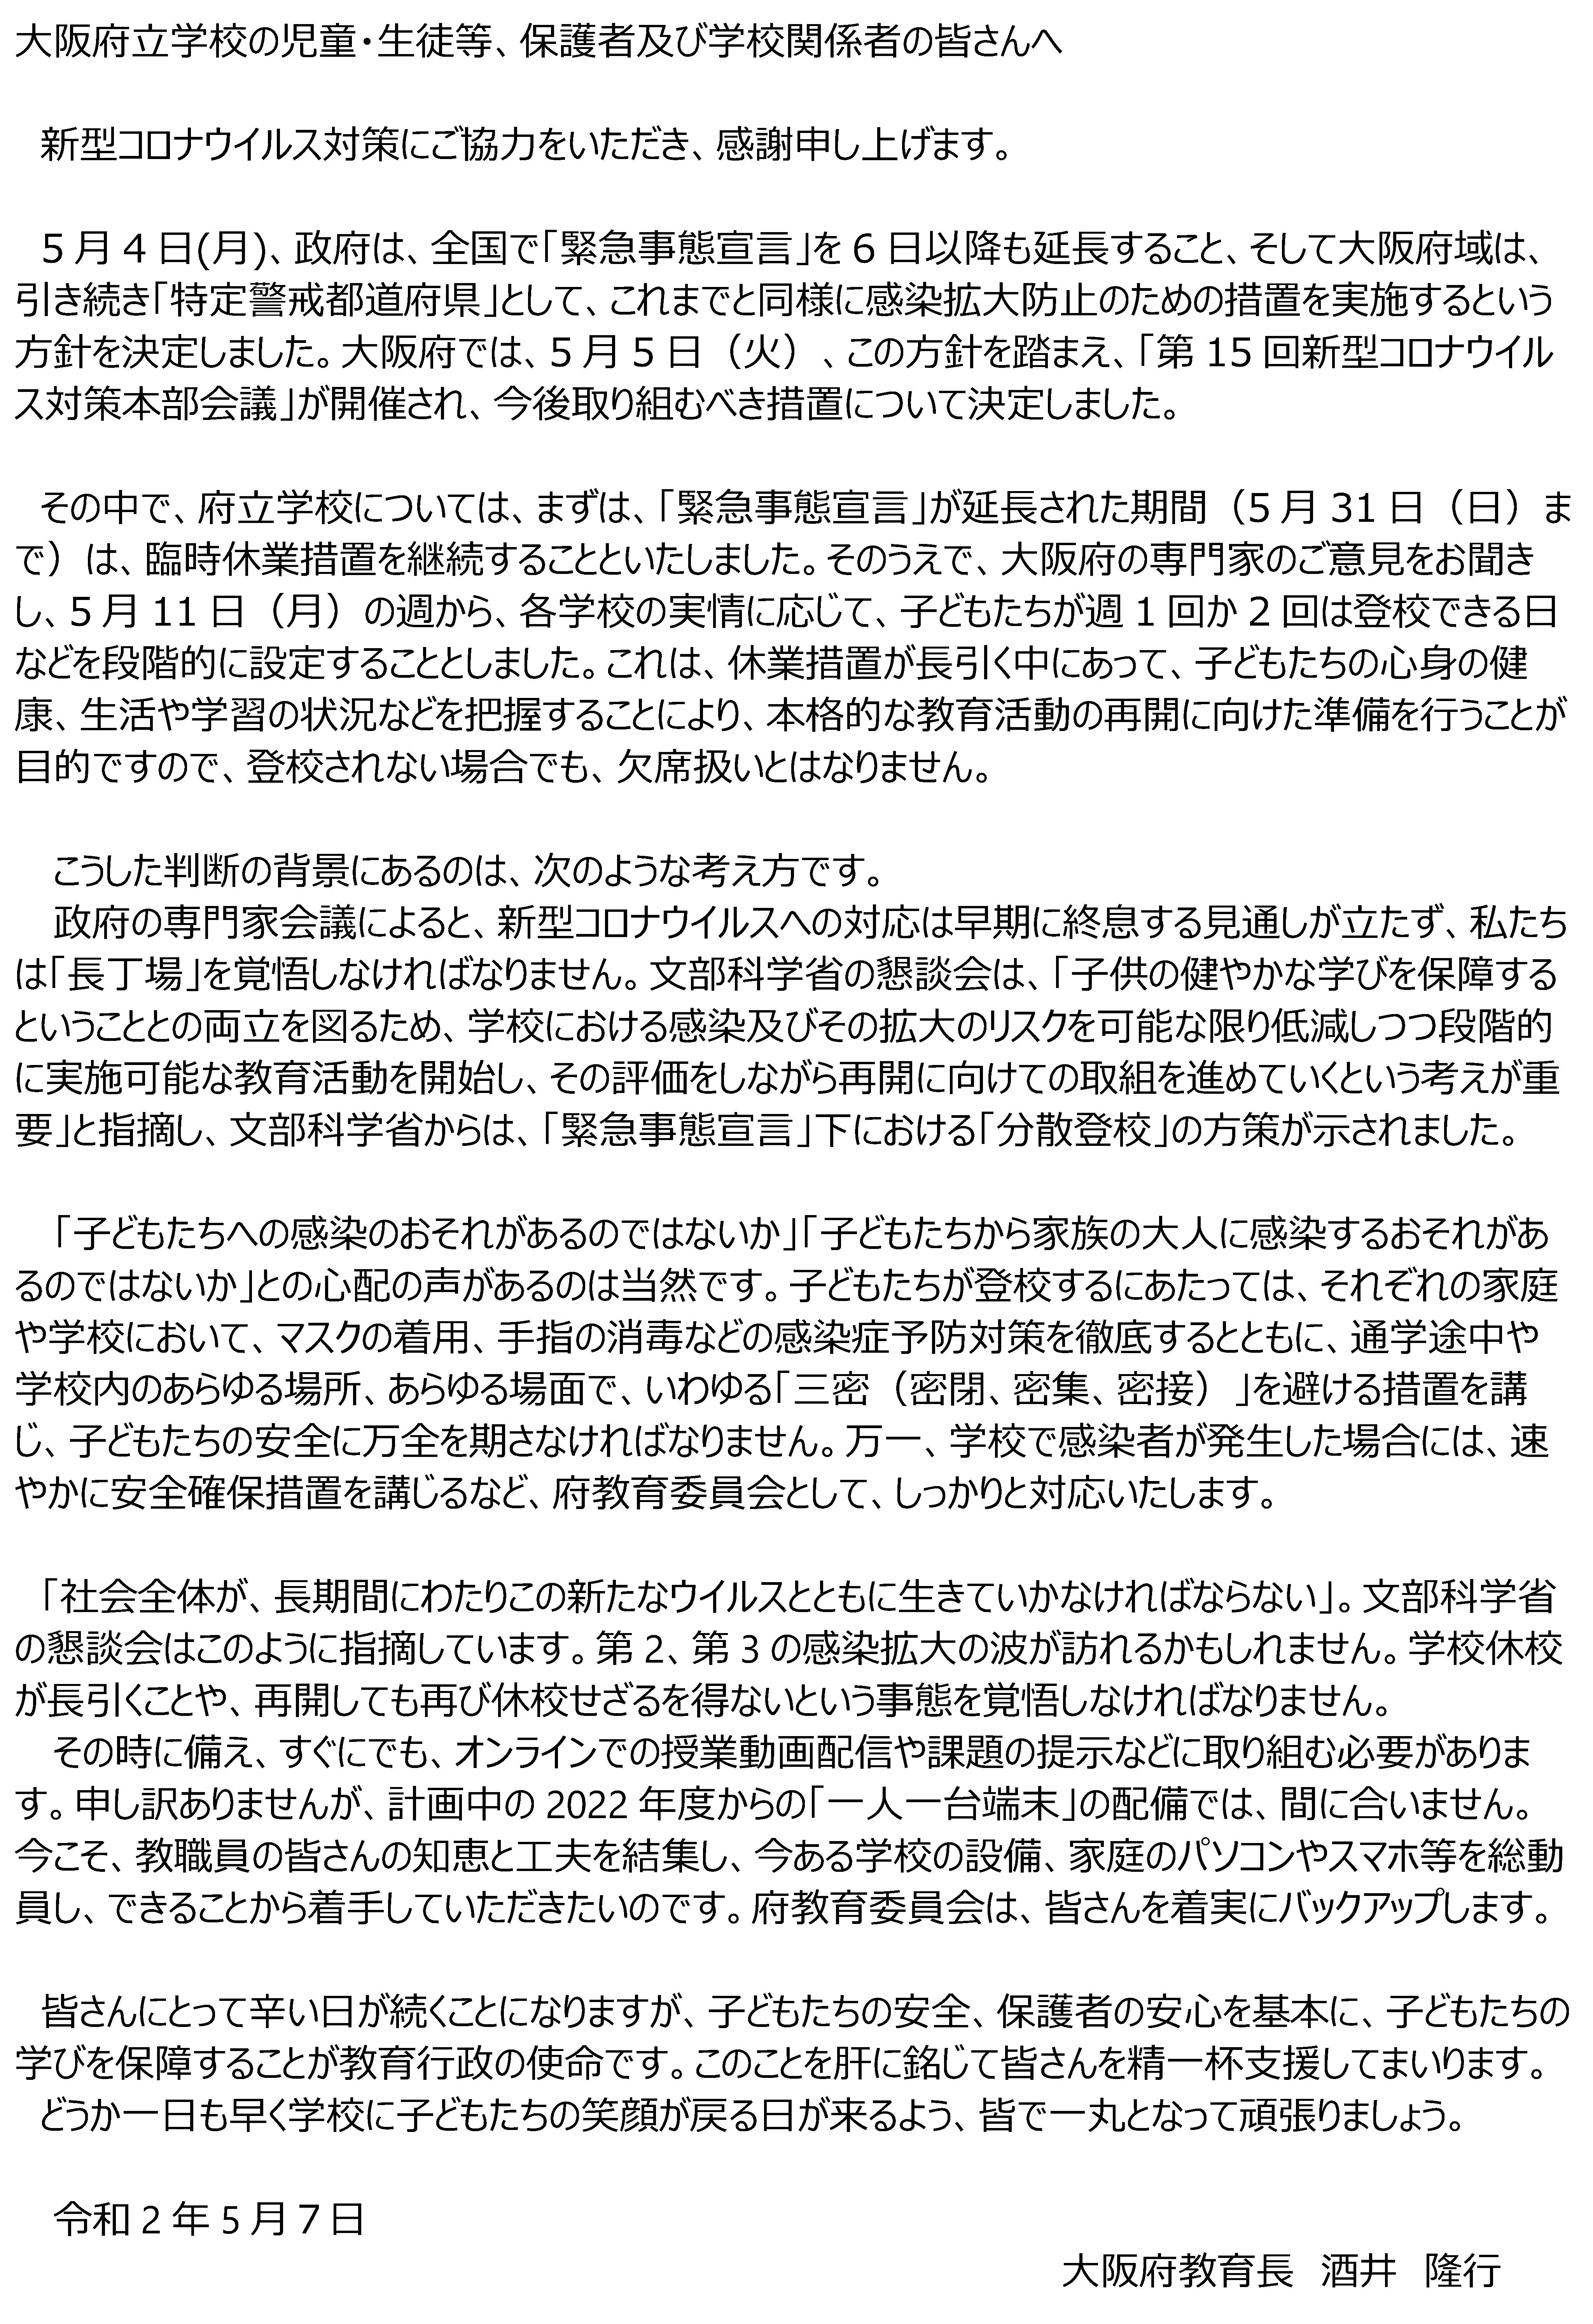 教育庁メッセージ(5月7日)